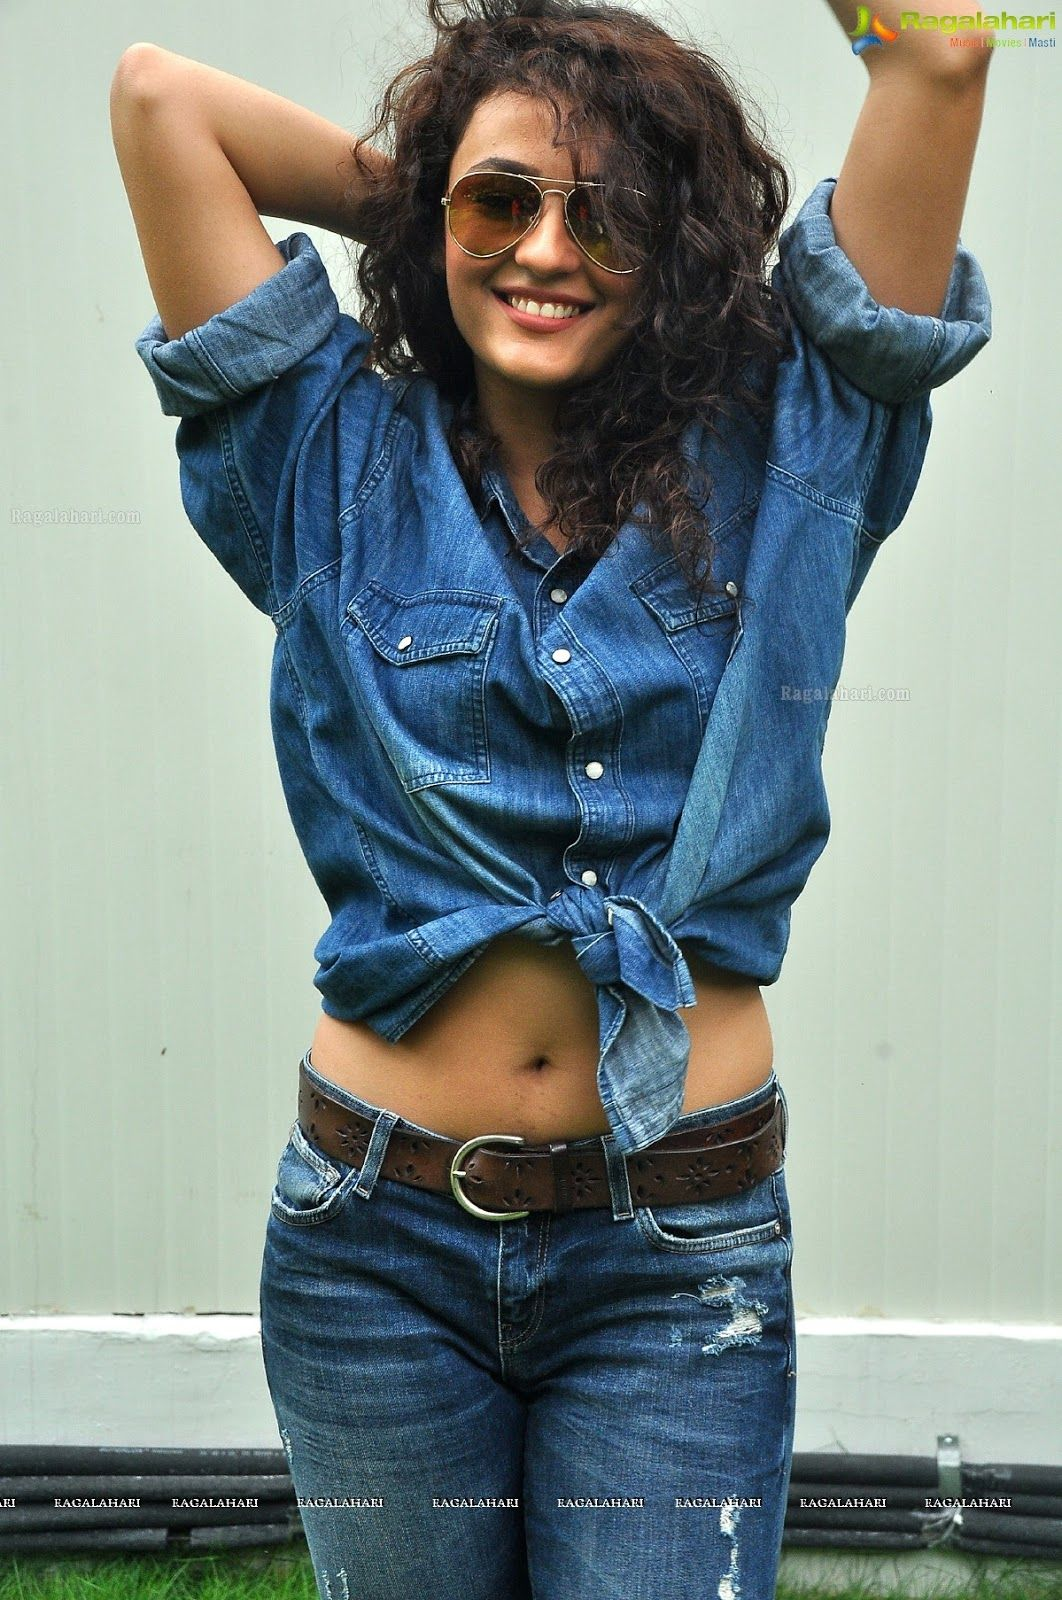 Pin By Aabnoosie Nuhsepehr On Shriya In 2020 Blue Jeans